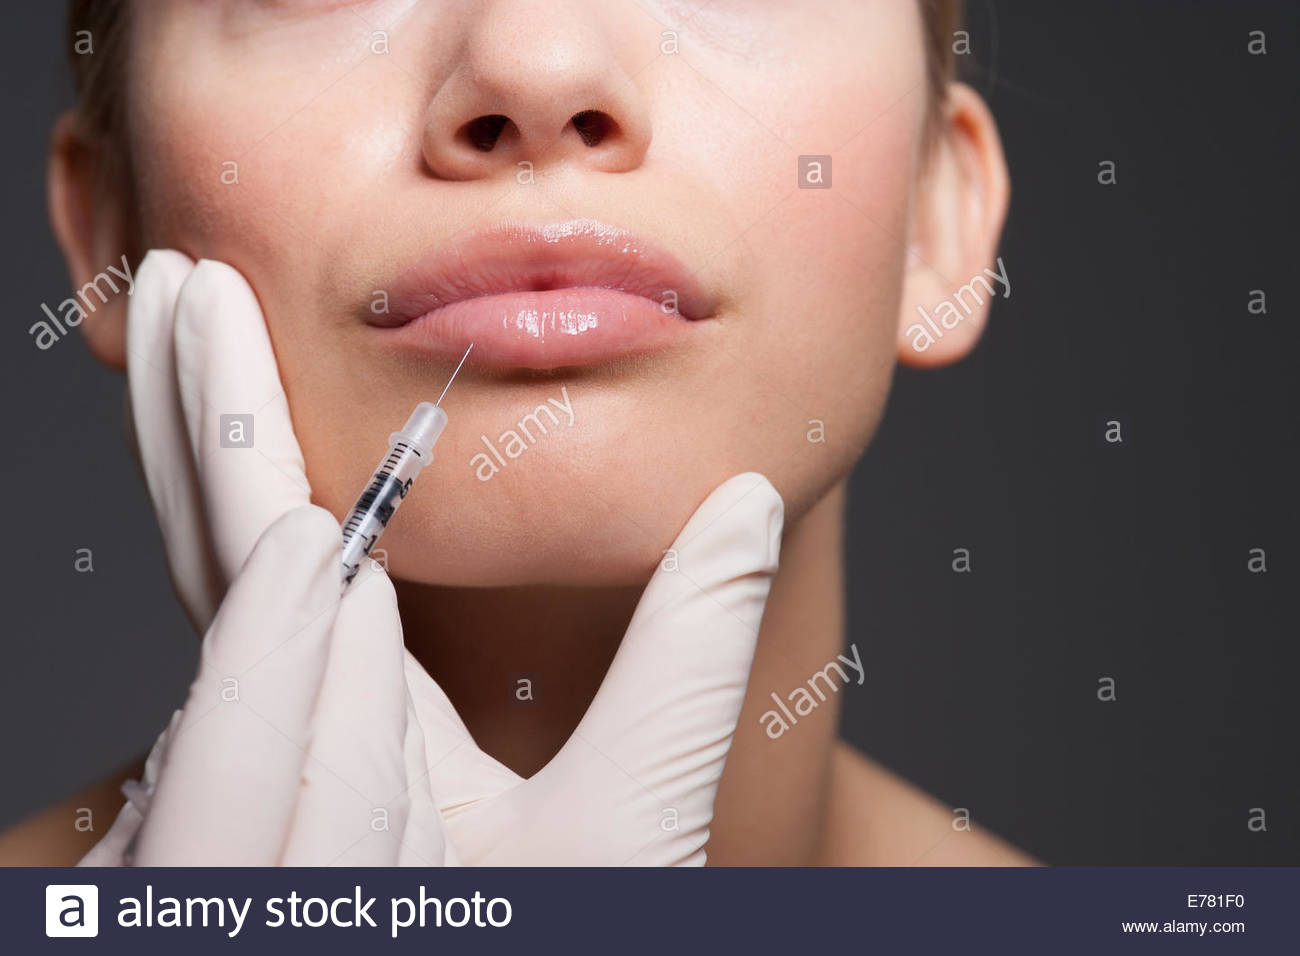 Cerca de mujer recibiendo botox Imagen De Stock